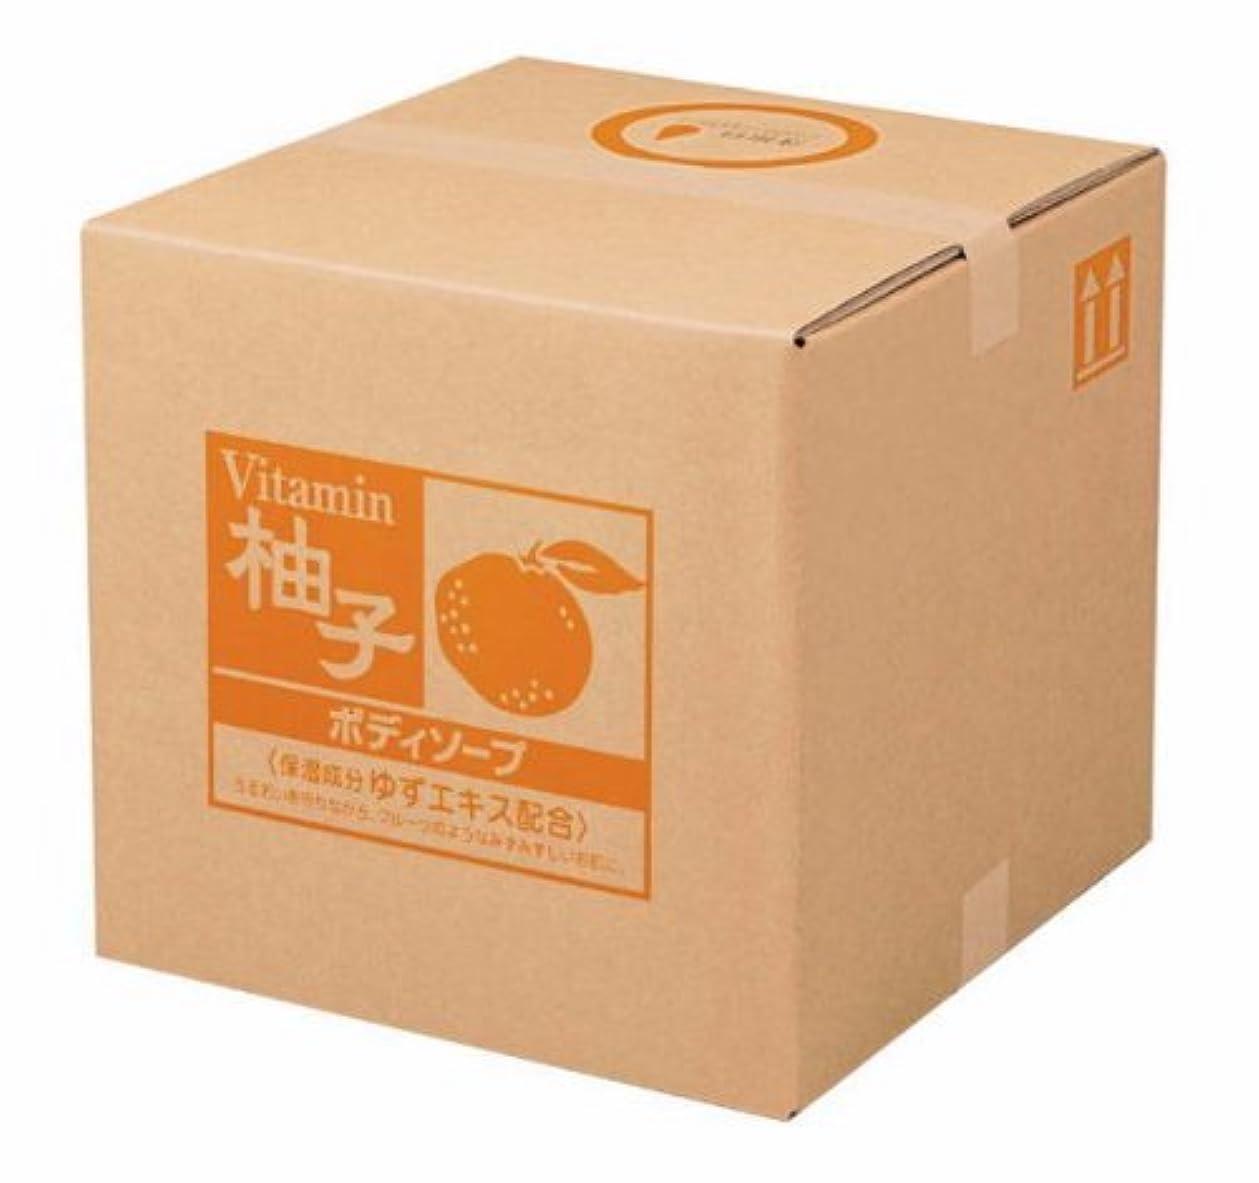 病なスコア従来の熊野油脂 業務用 柚子 ボディソープ 18L